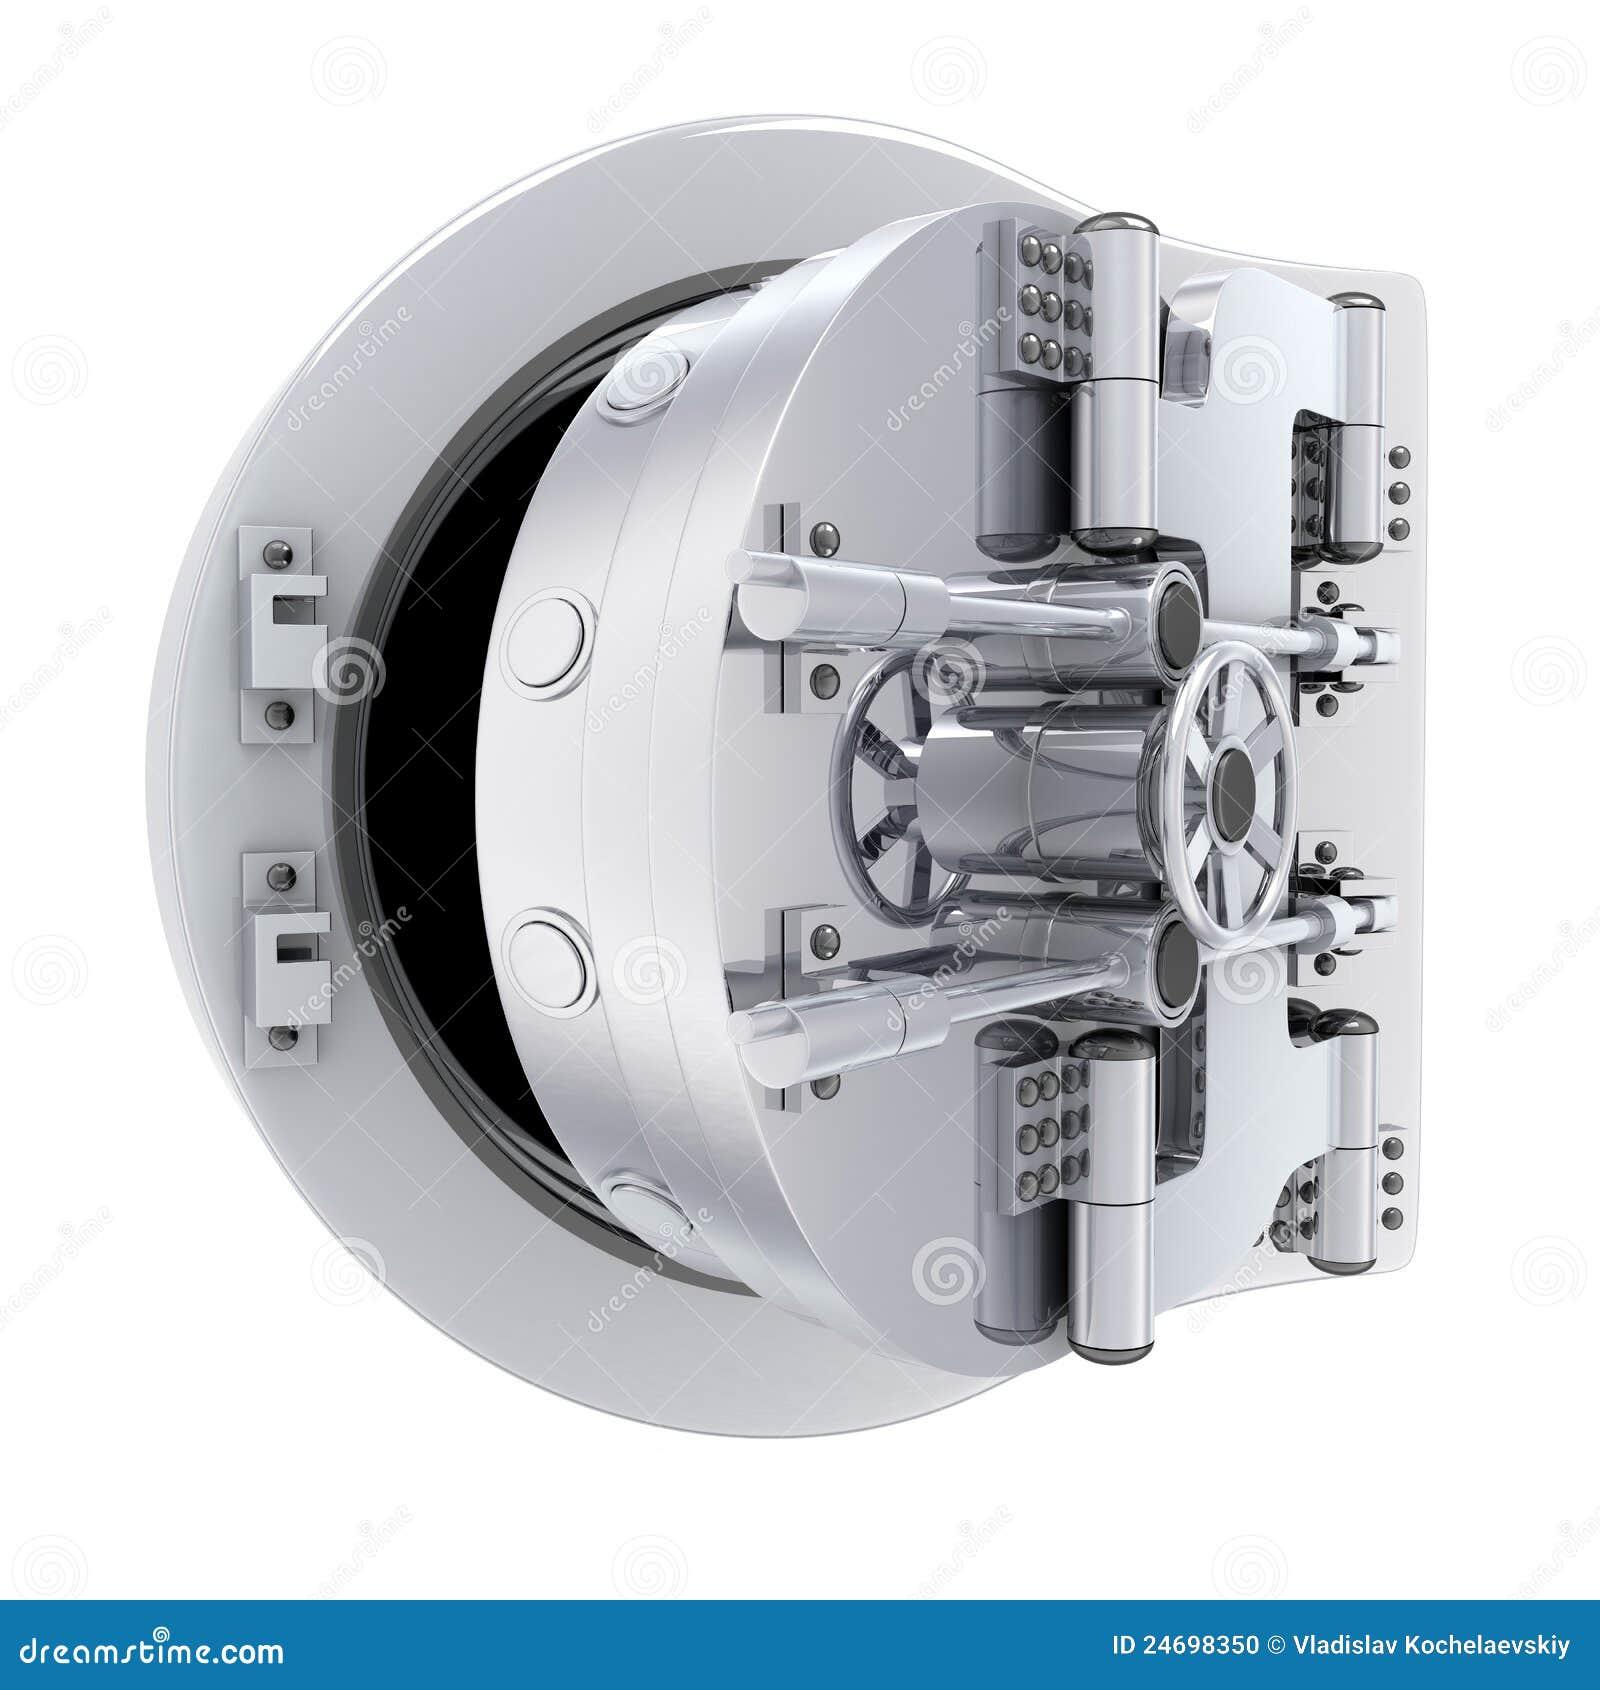 Bank Vault Clipart